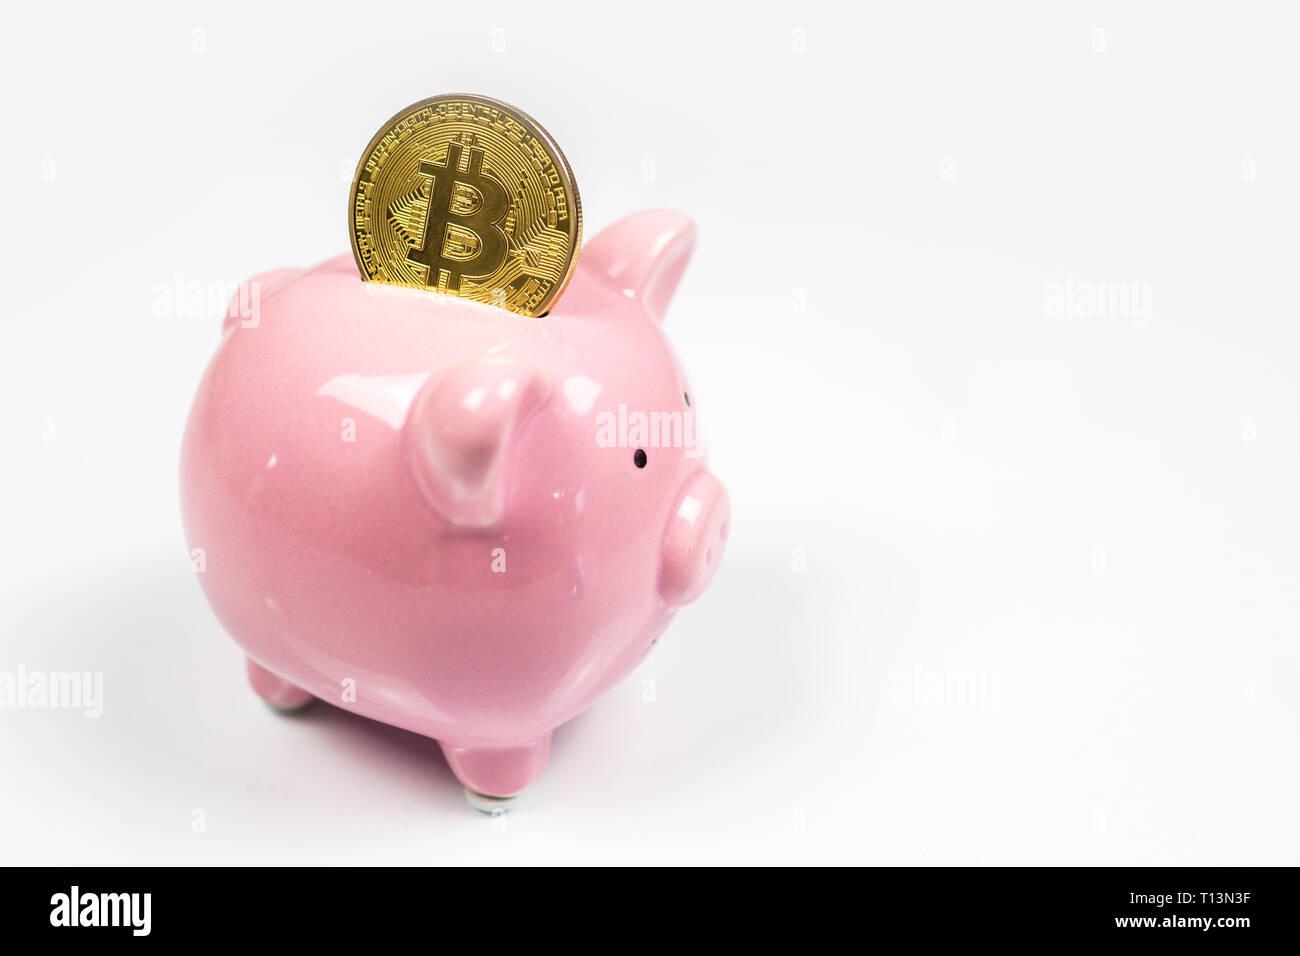 Poner a bitcoin hucha, virtual nuevo dinero electrónico y digital, el concepto de inversión hodl Foto de stock